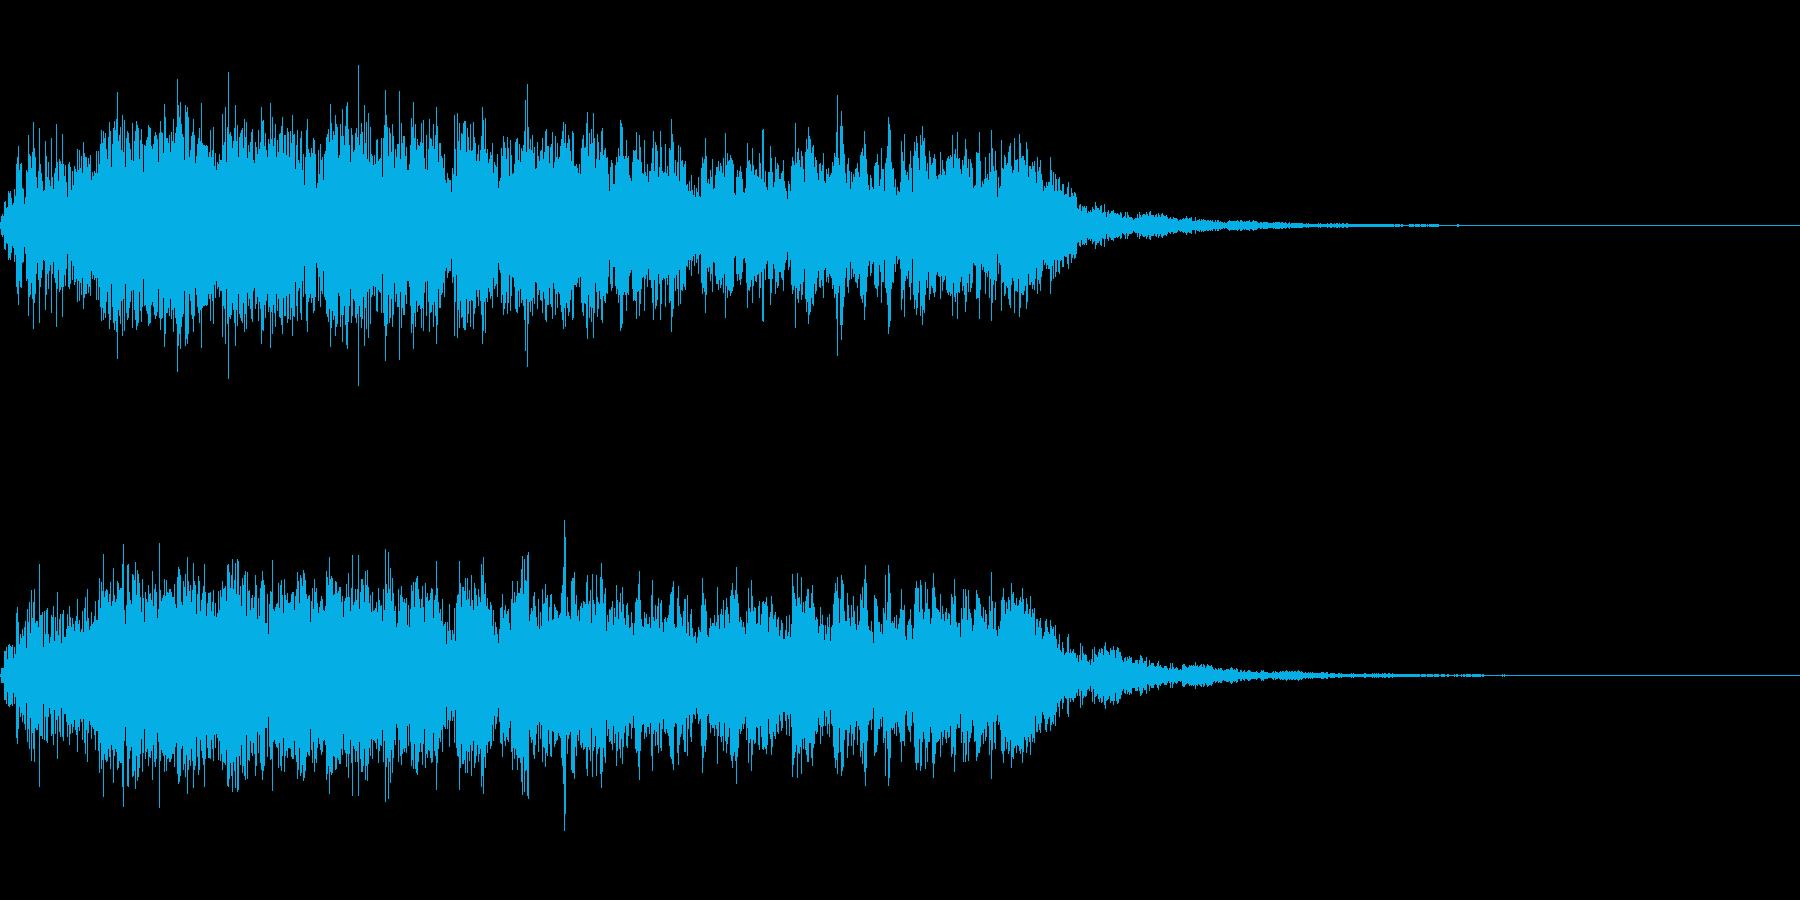 「キュルルル~(逆回転の音)」の再生済みの波形